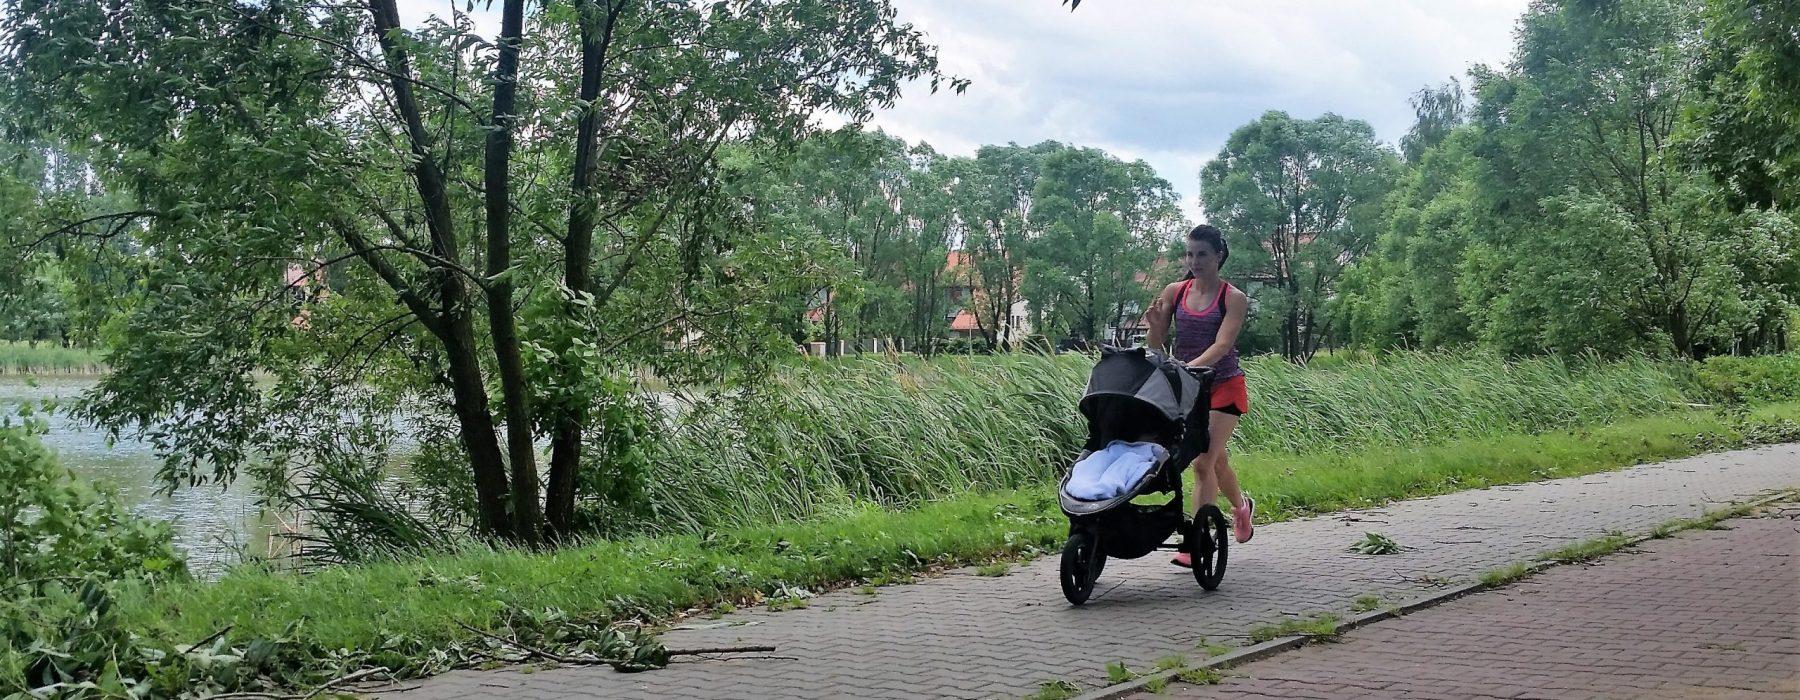 jak wybrać wózek do biegania